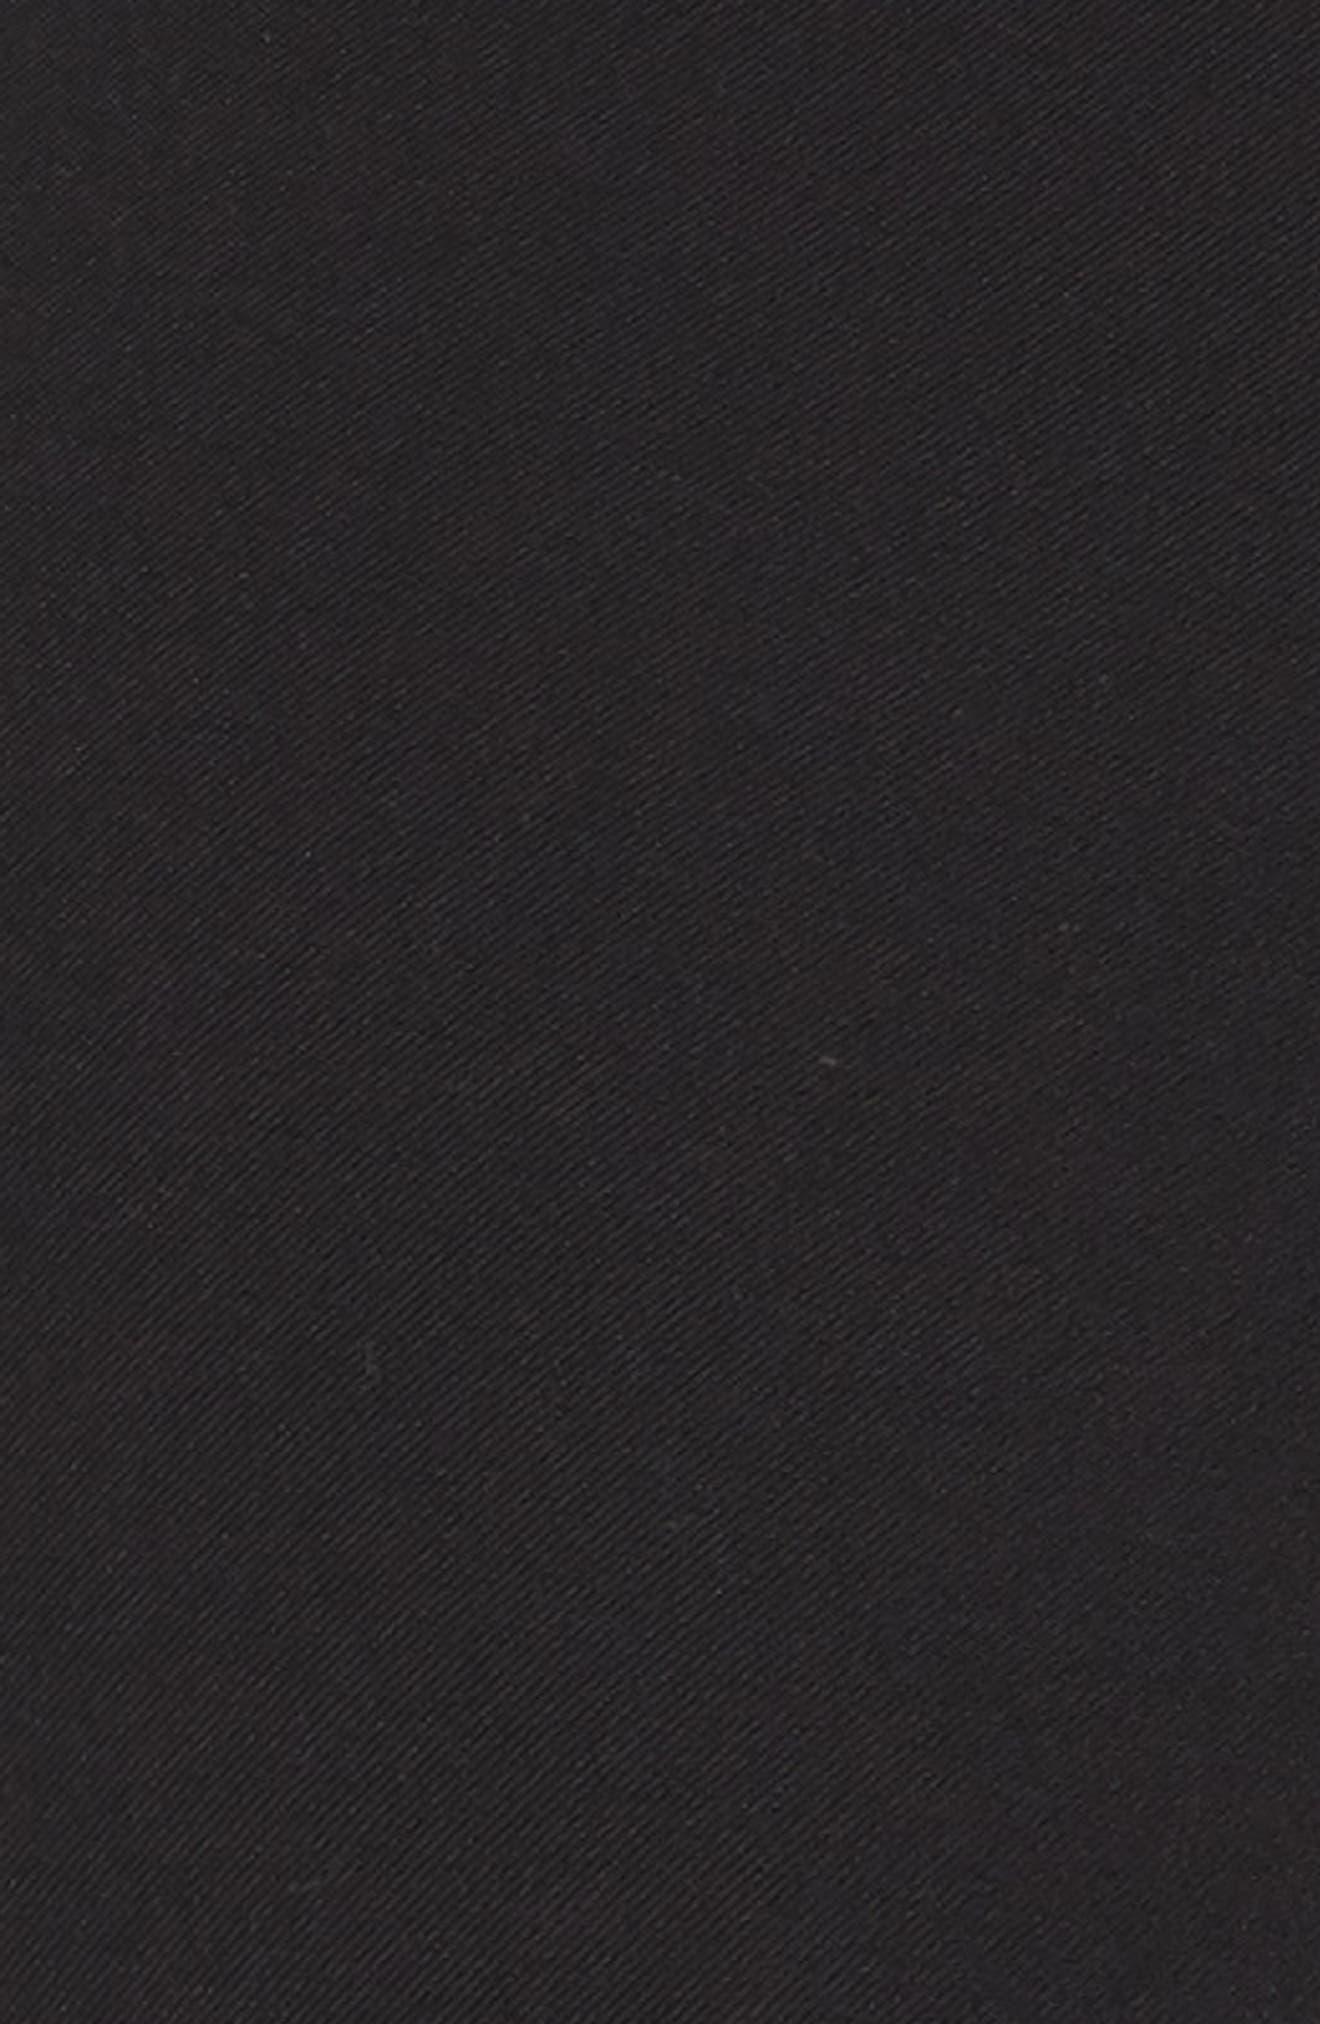 Lafayette 148 Murray Crop Pant,                             Alternate thumbnail 5, color,                             BLACK